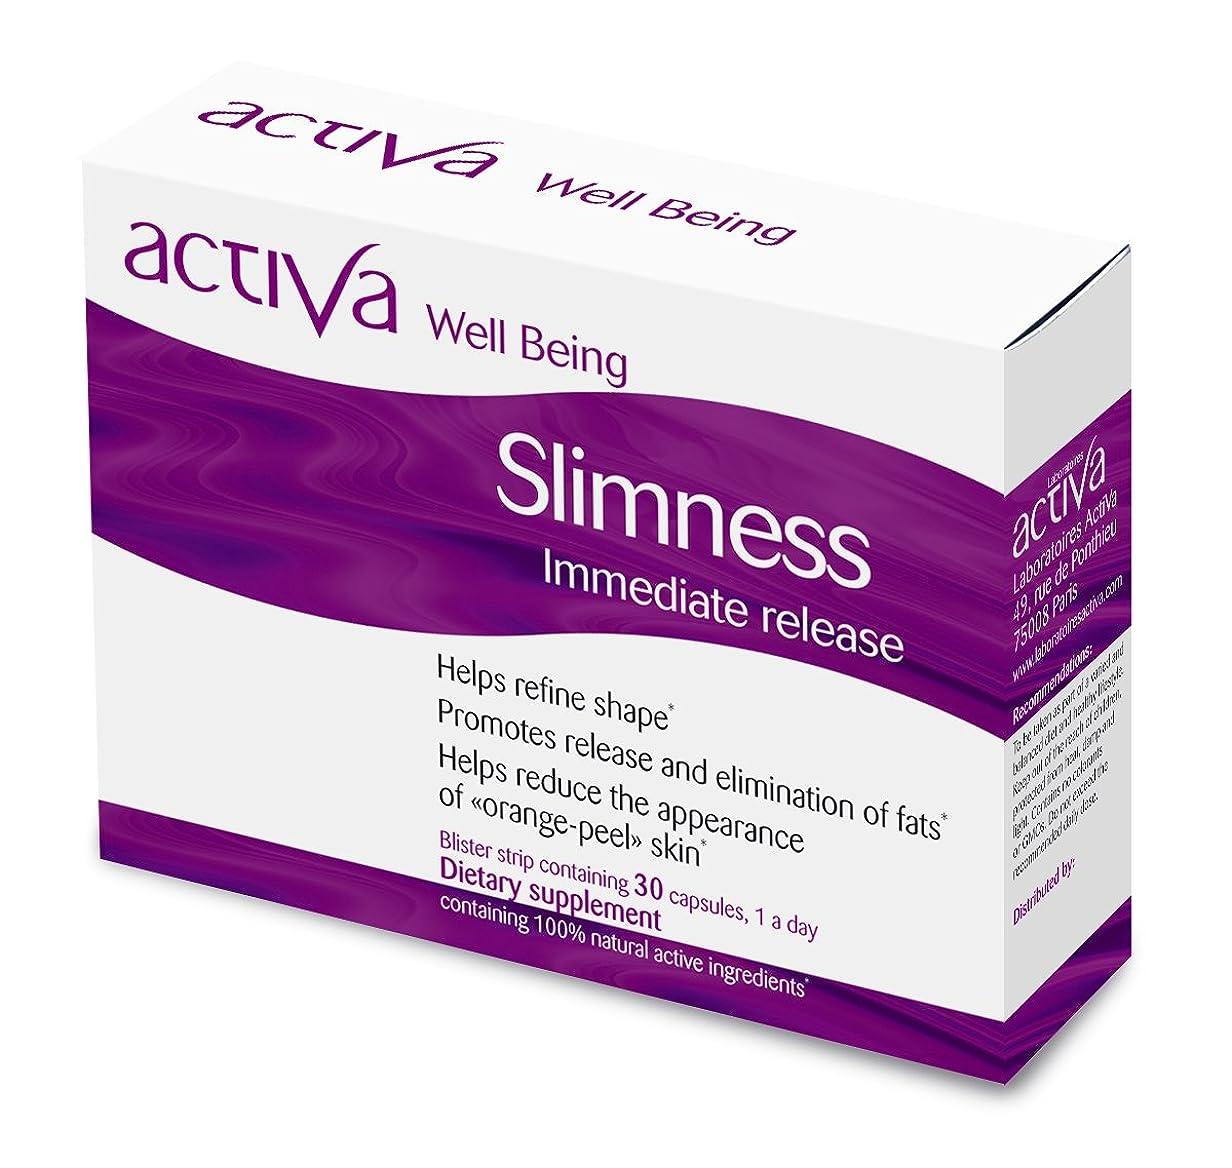 バッジ境界共役(アクティバ) activa 【Well Being】 Slimness スリムネス 30カプセル